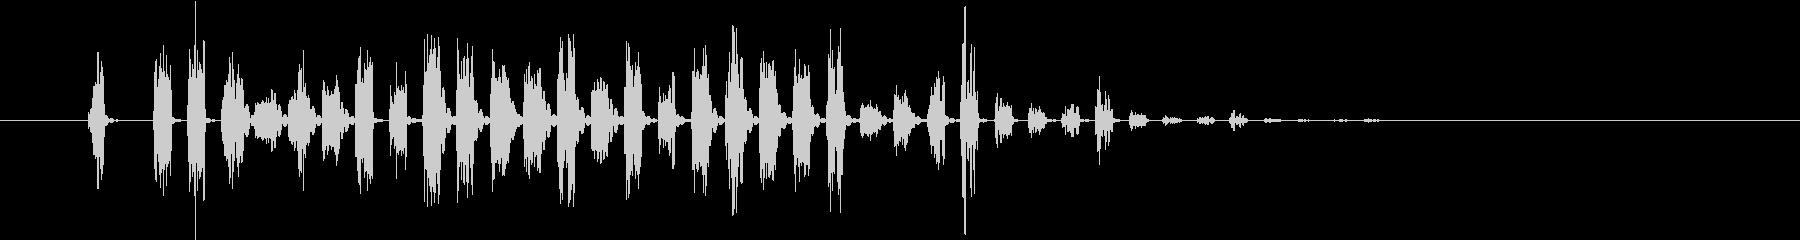 効果音 場面切替 Fの未再生の波形